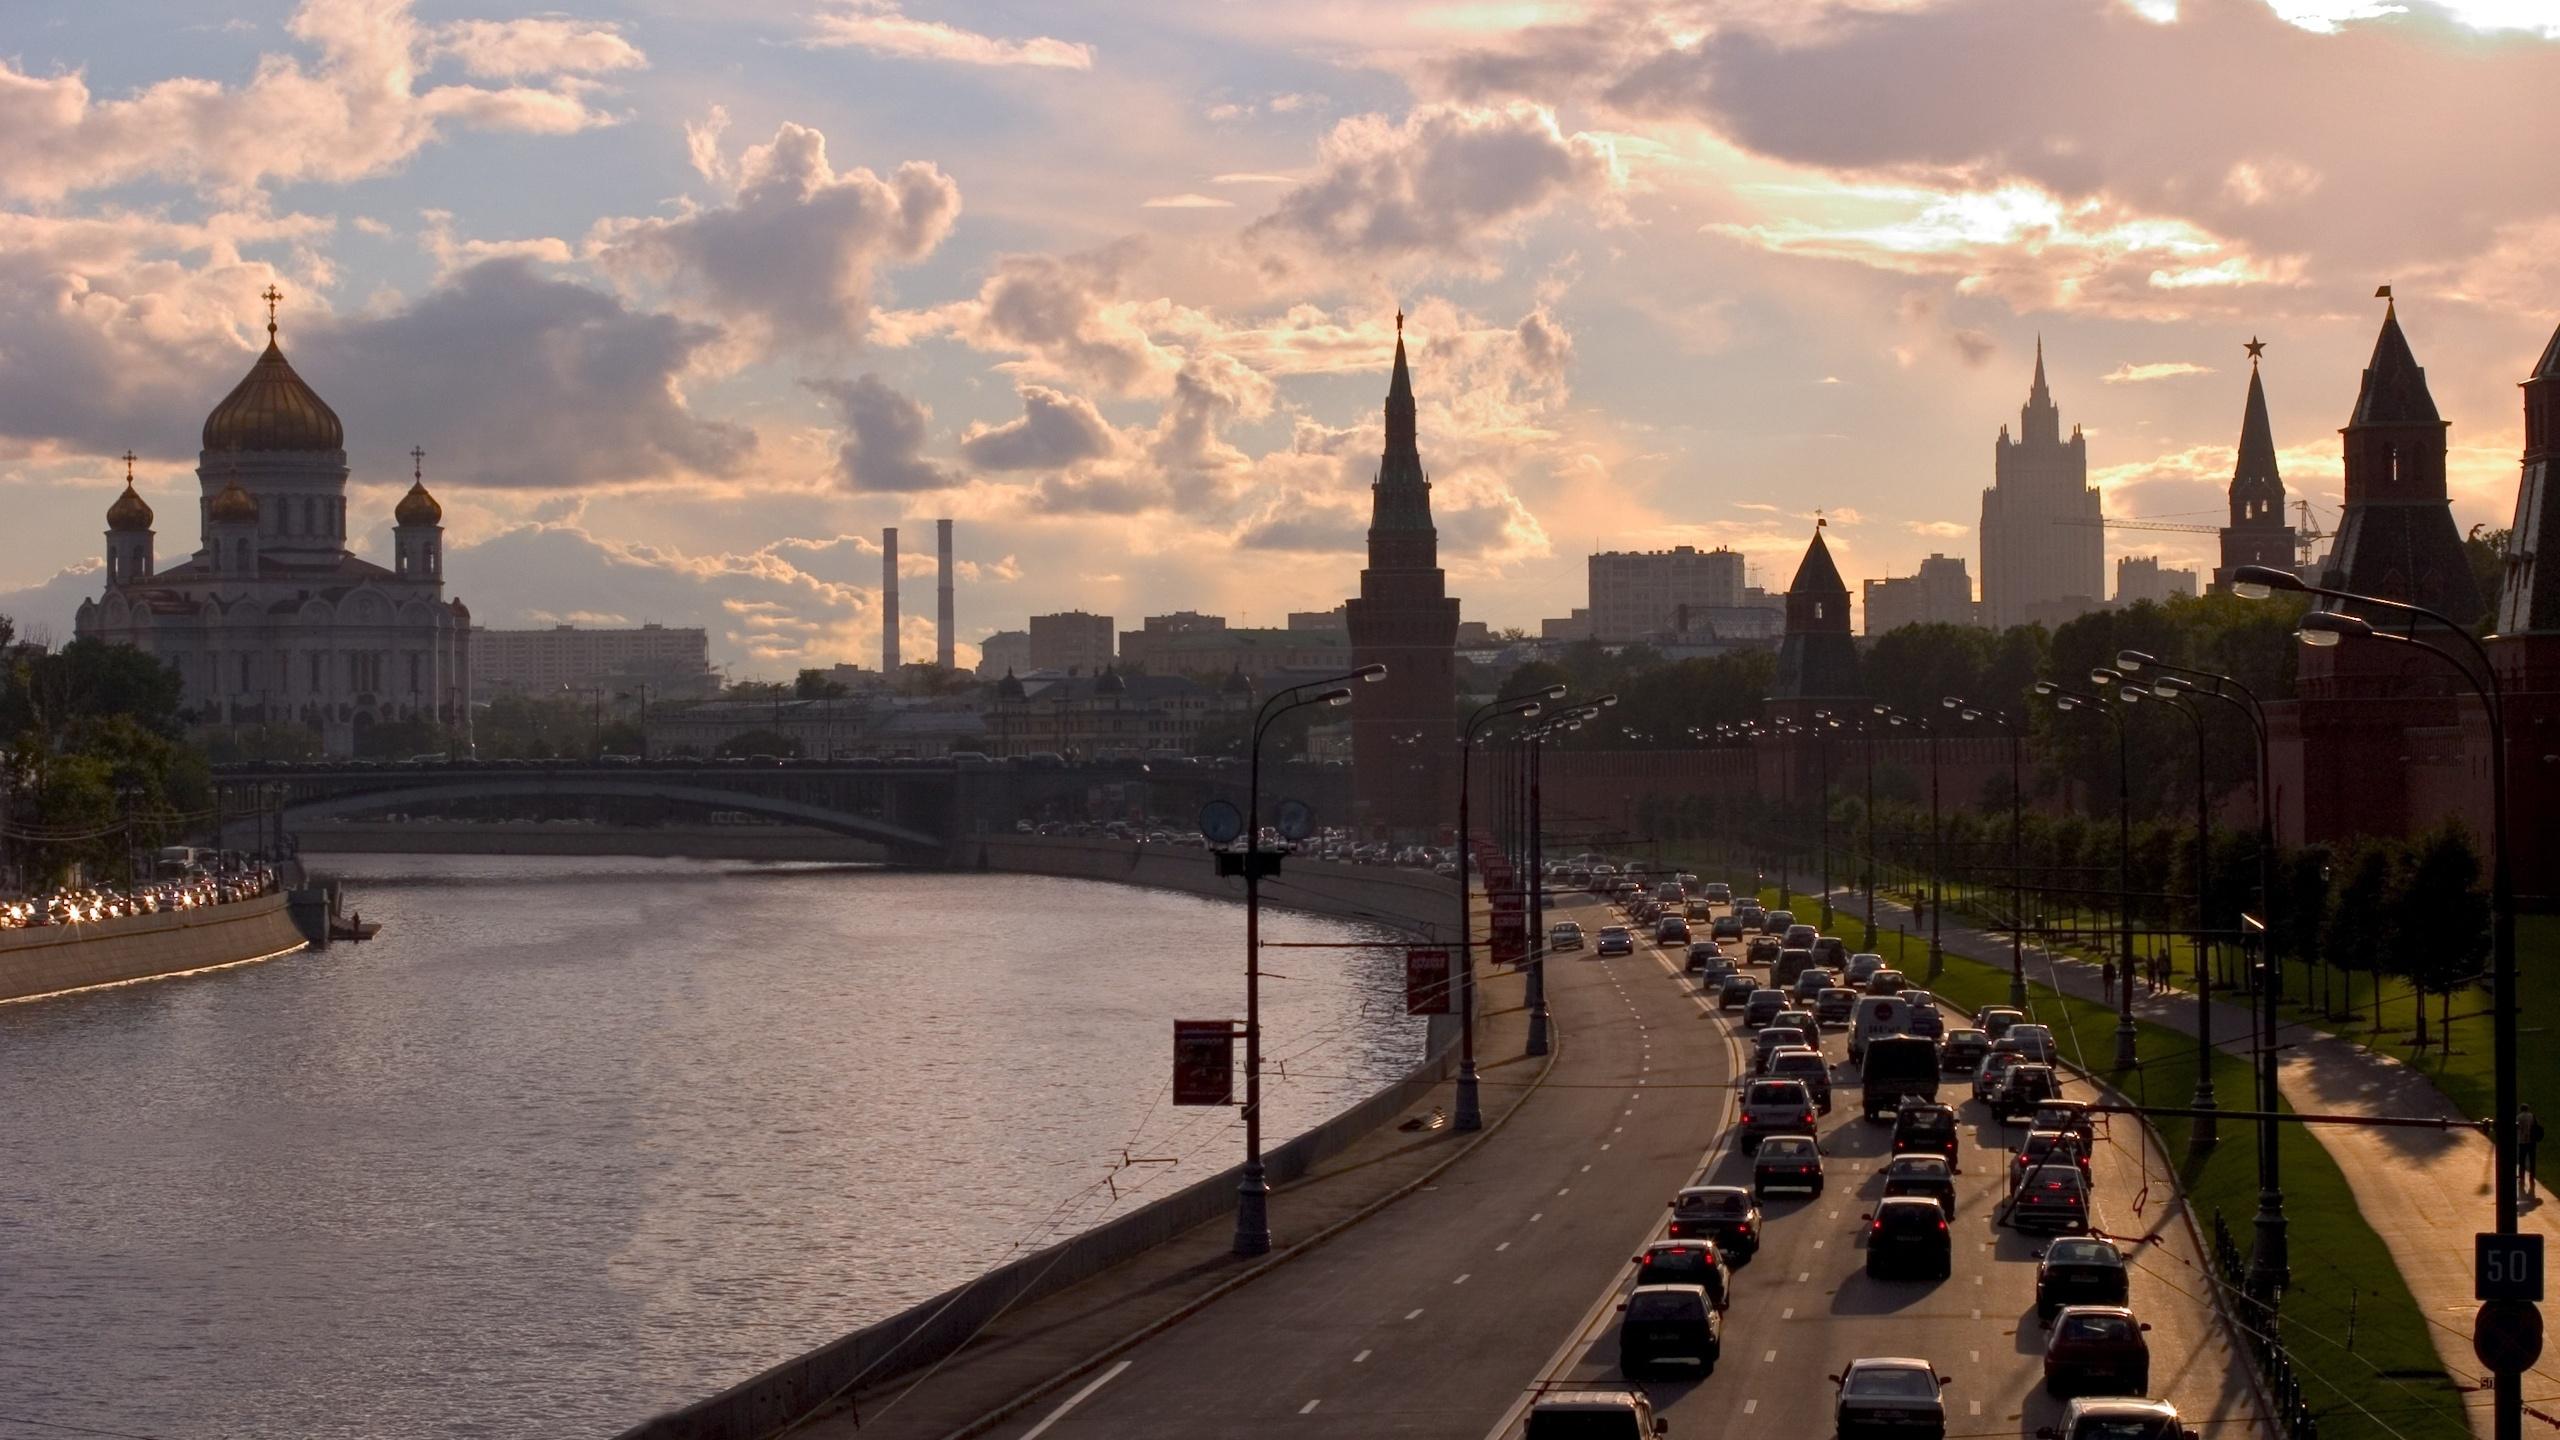 Photo of В ближайшие выходные в Москве ожидается потепление до 23 градусов В ближайшие выходные в Москве ожидается потепление до 23 градусов В ближайшие выходные в Москве ожидается потепление до 23 градусов kartinkijane